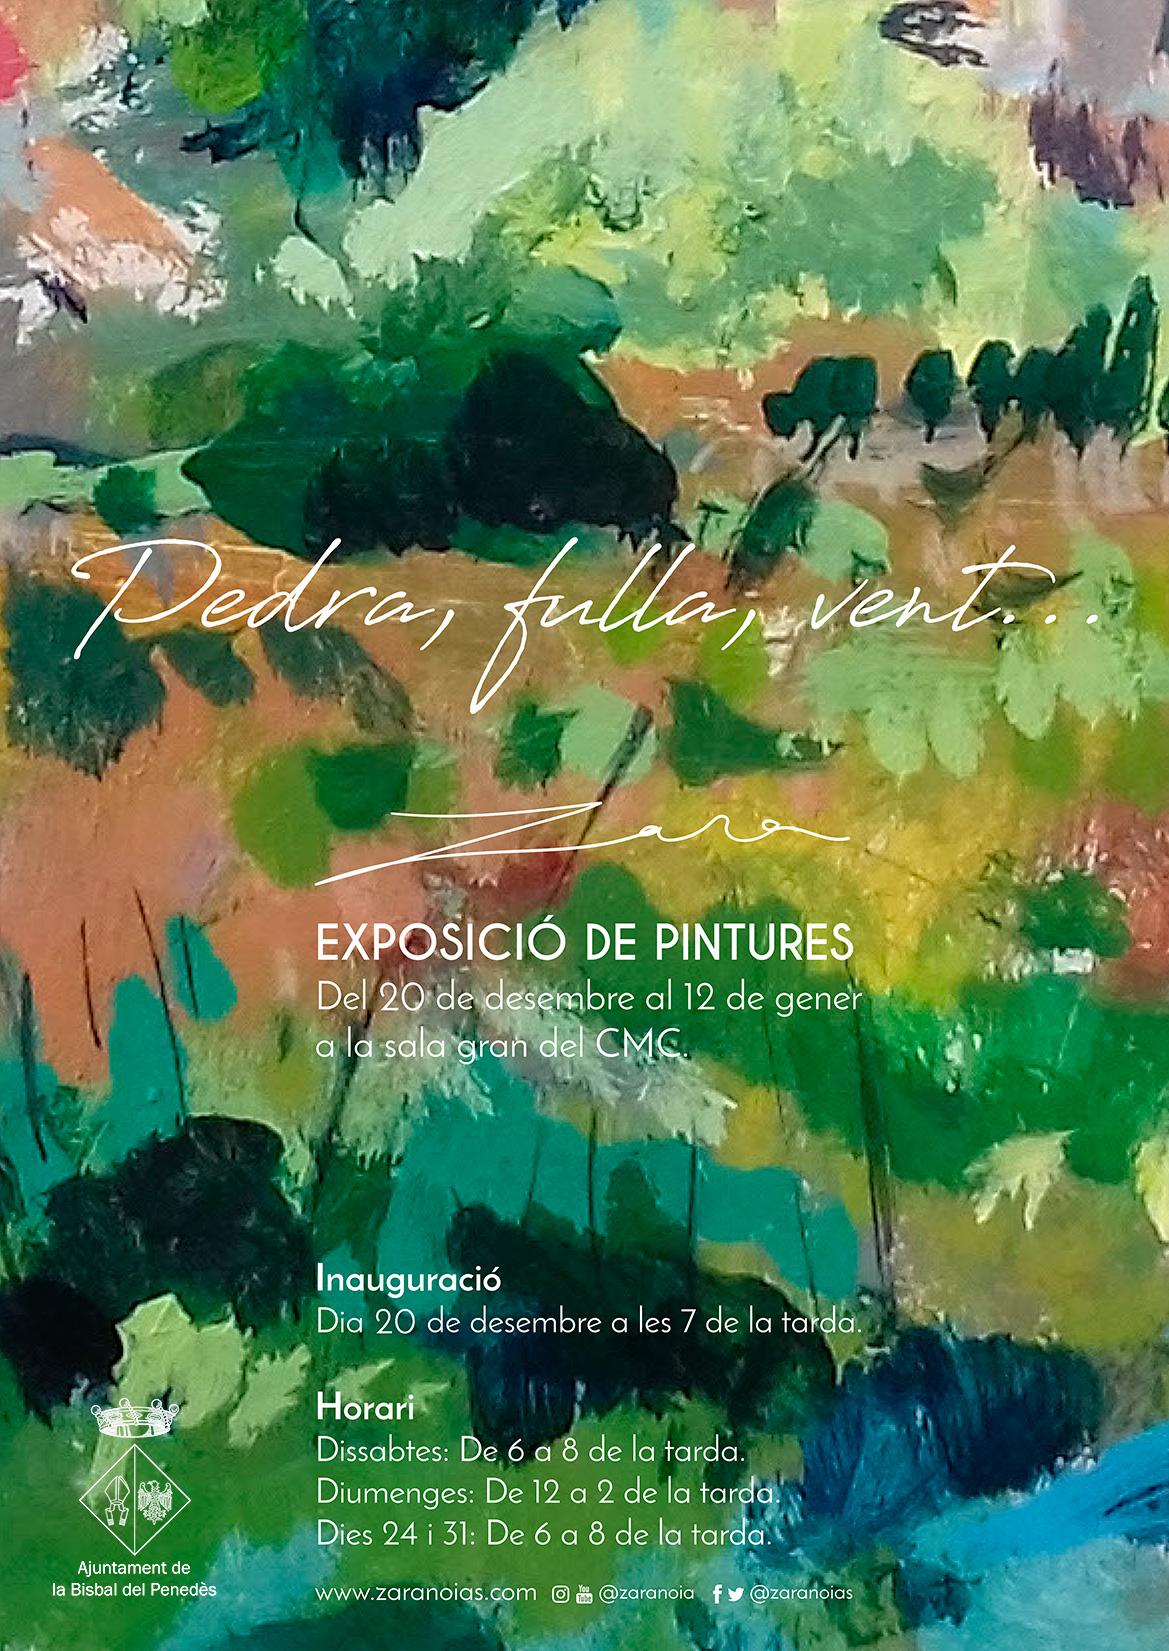 El dia 20 de desembre s'inaugura una exposició de pintura de l'artista local Zara